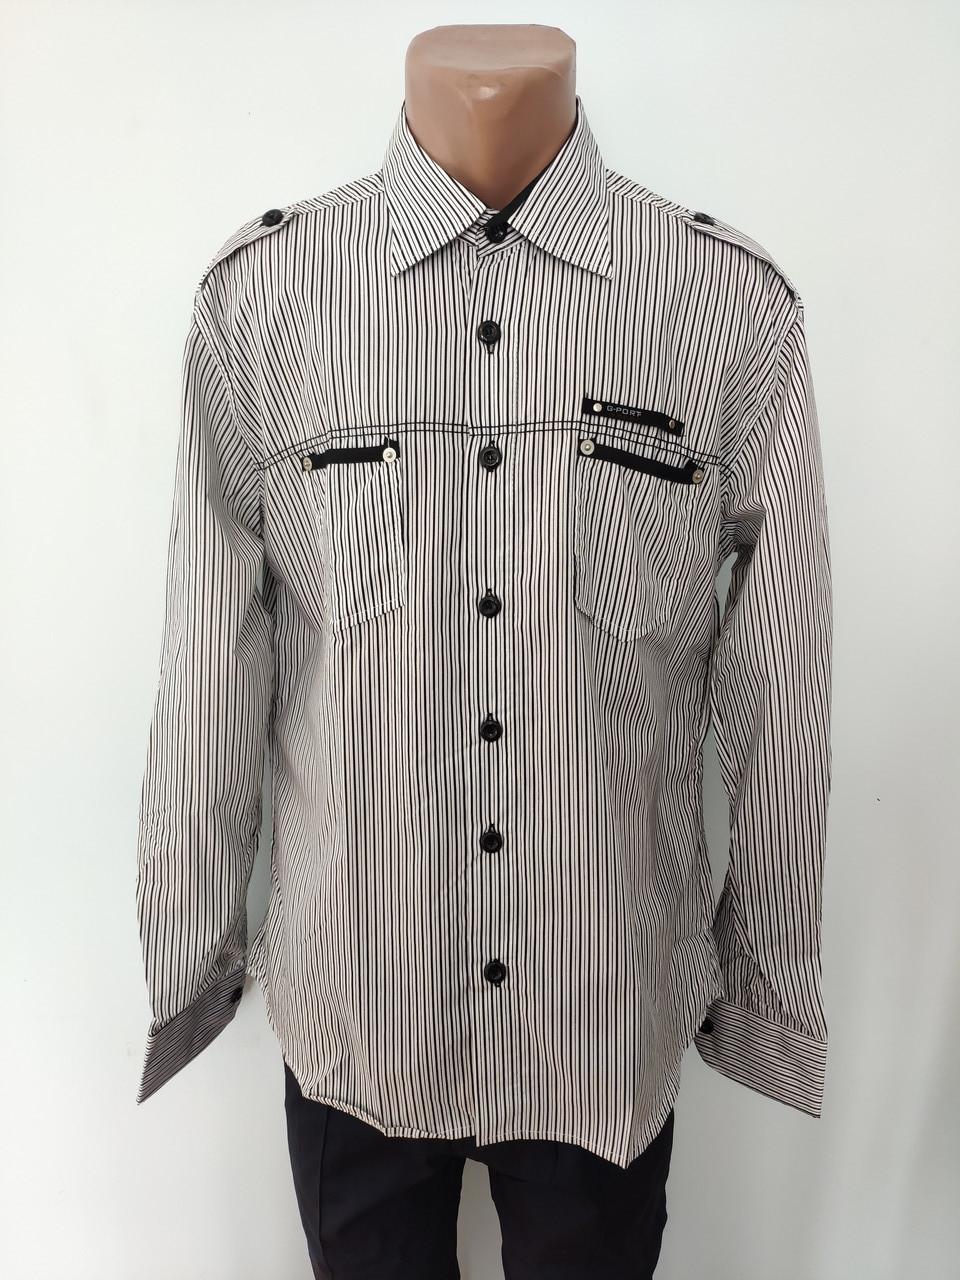 Рубашка мужская высокого качества больших размеров G-PORT, Турция